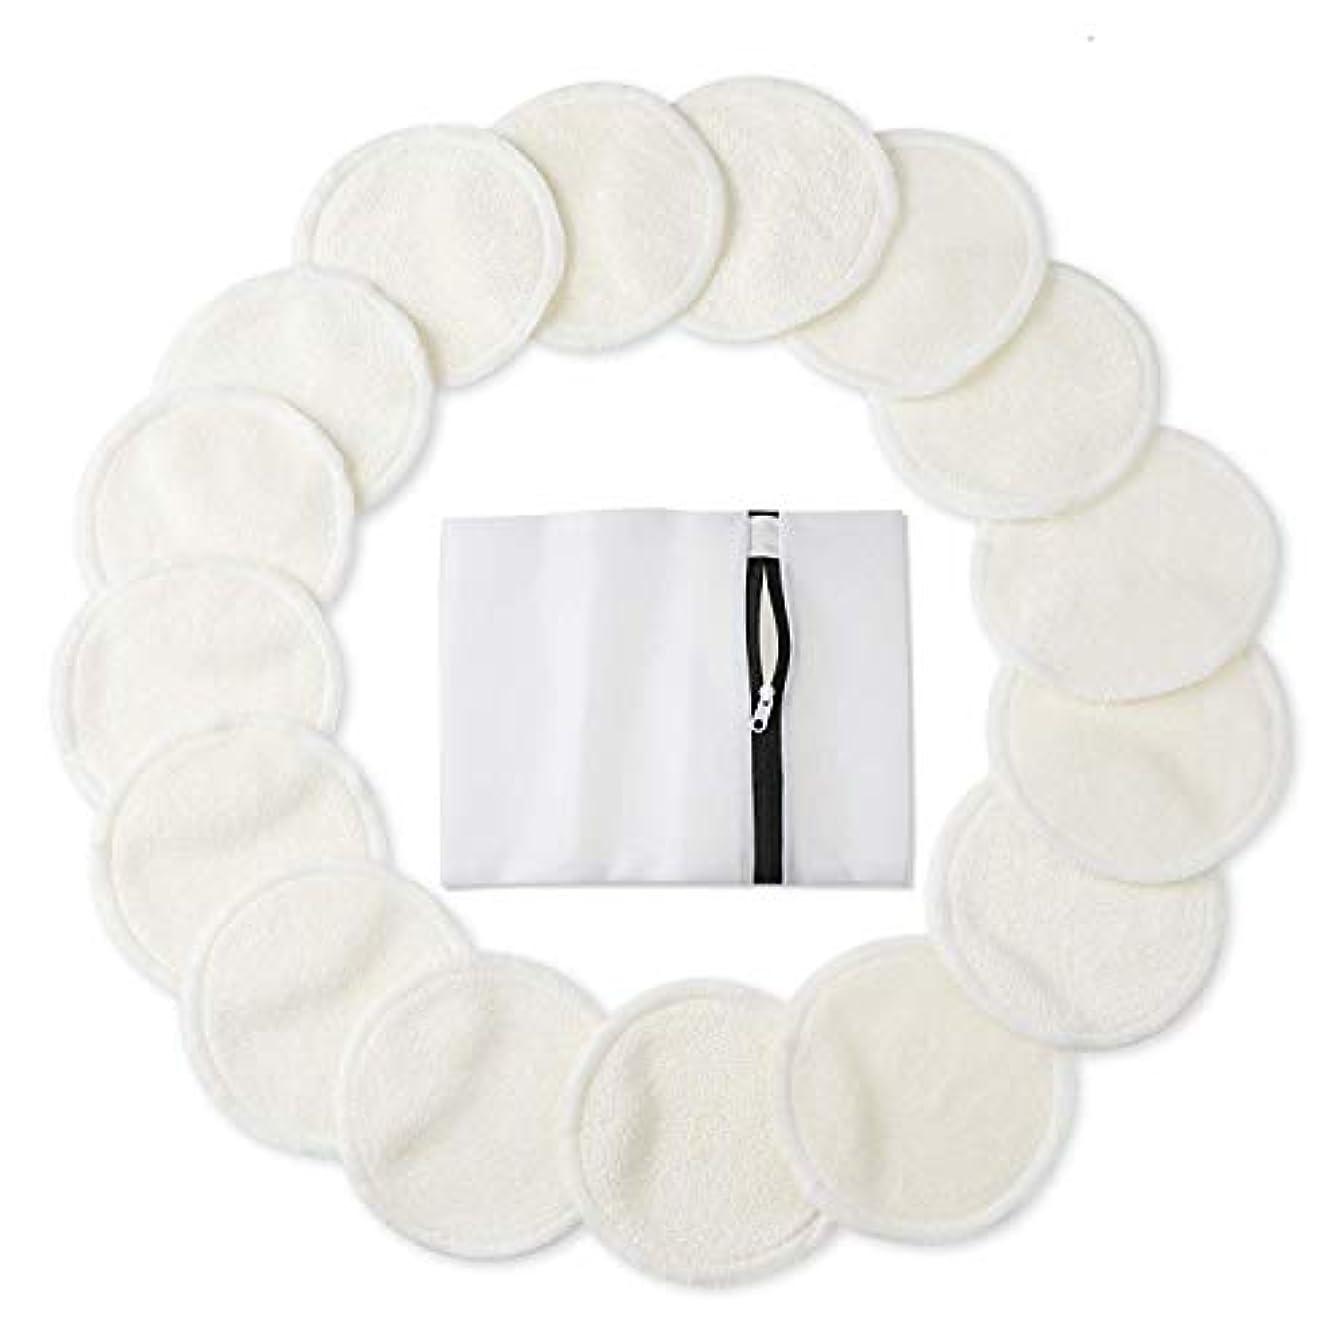 満足ラッチ音節Phogary 竹 メイクアップリムーバーパッドアイメイク削除顔用ランドリーバッグ洗える洗顔布で再利用可能な有機竹コットンラウンドワイプ3.15 2層